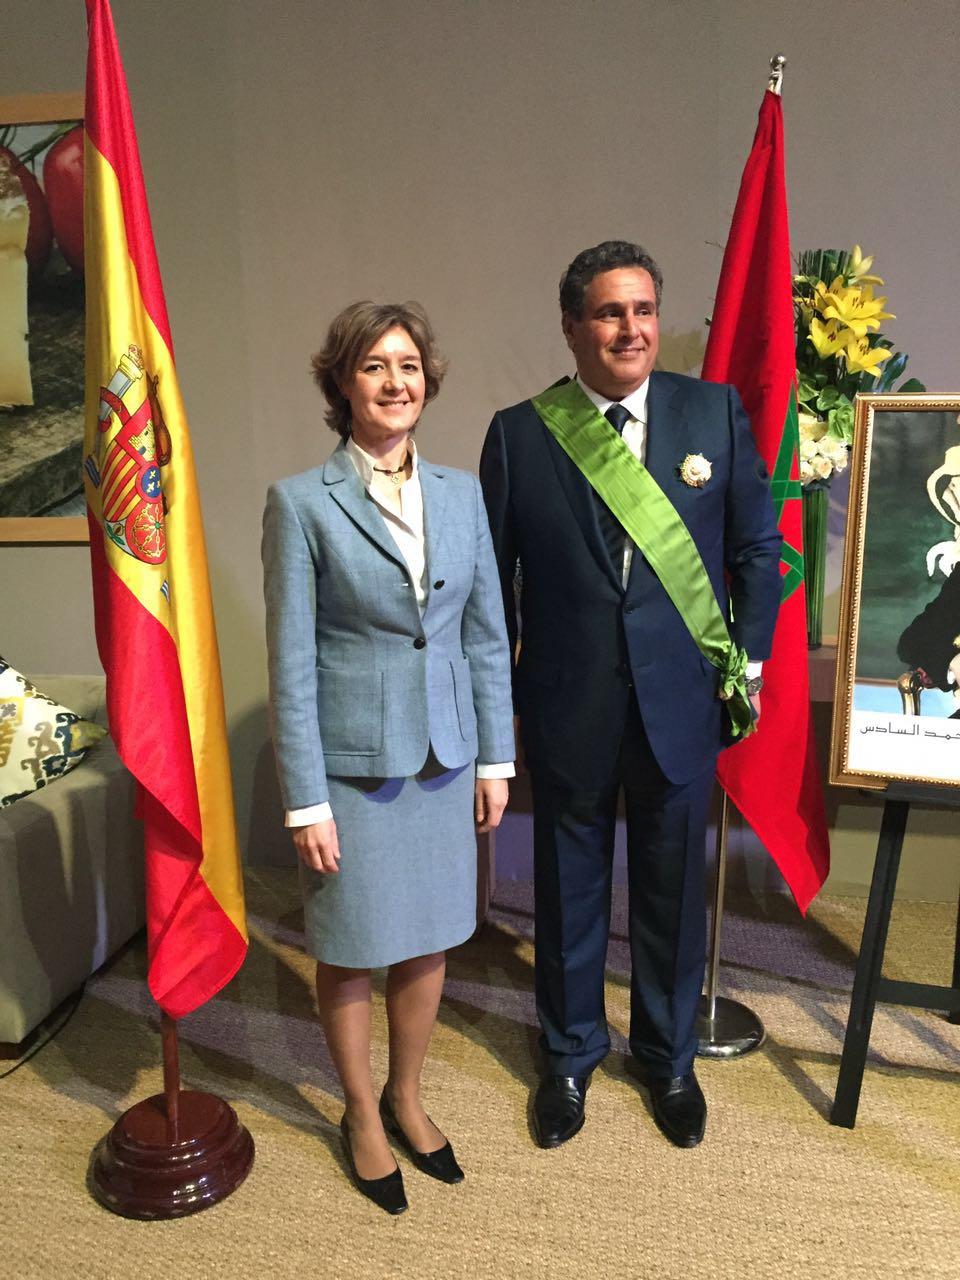 García Tejerina subraya el indudable compromiso del ministro Aziz Akhannouch para consolidar las relaciones de amistad entre España y Marruecos